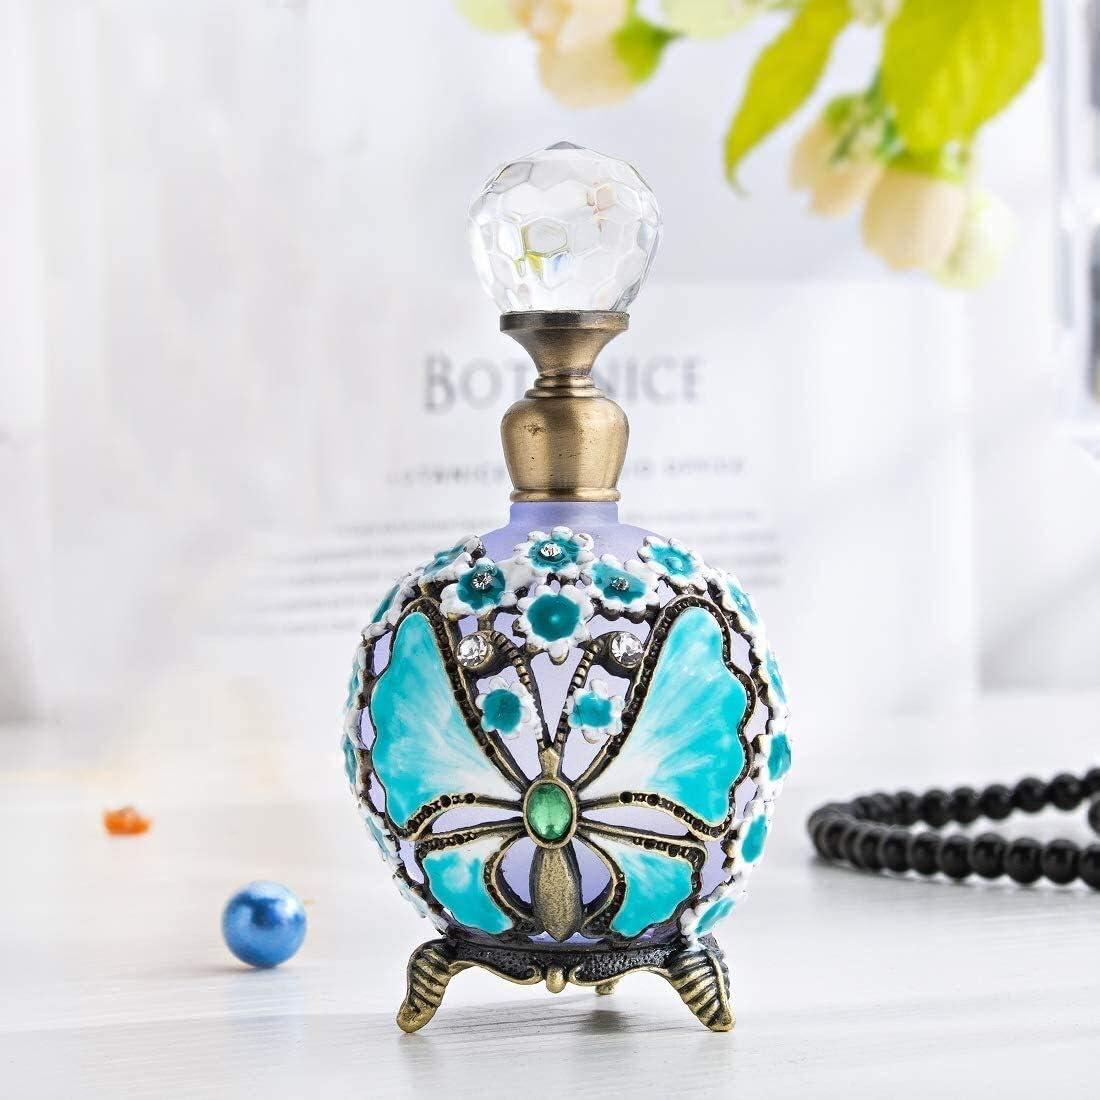 Botella de aceite esencial del perfume portátil Botella de cristal de perfume vacía del patrón de flor de la mariposa pintado a mano de la fragancia Loción Crema Aceite Esencial Retro aceite esencial